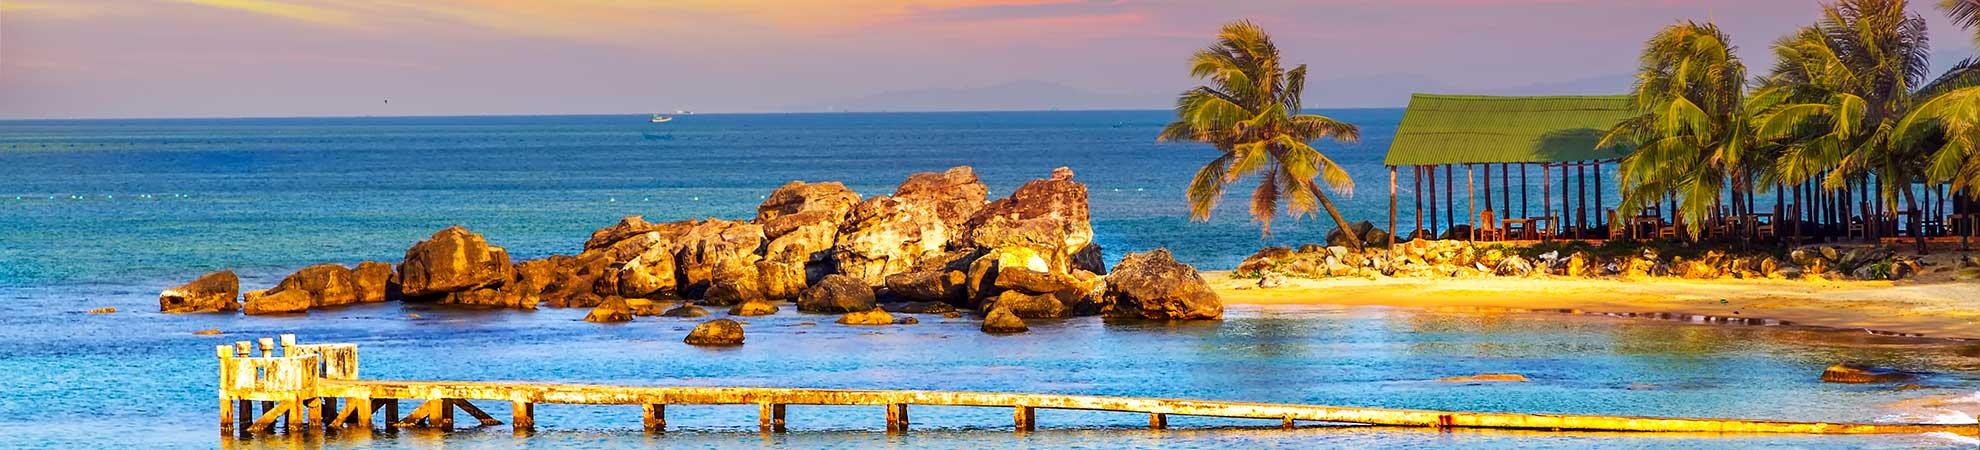 Séjour Bahamas tout compris